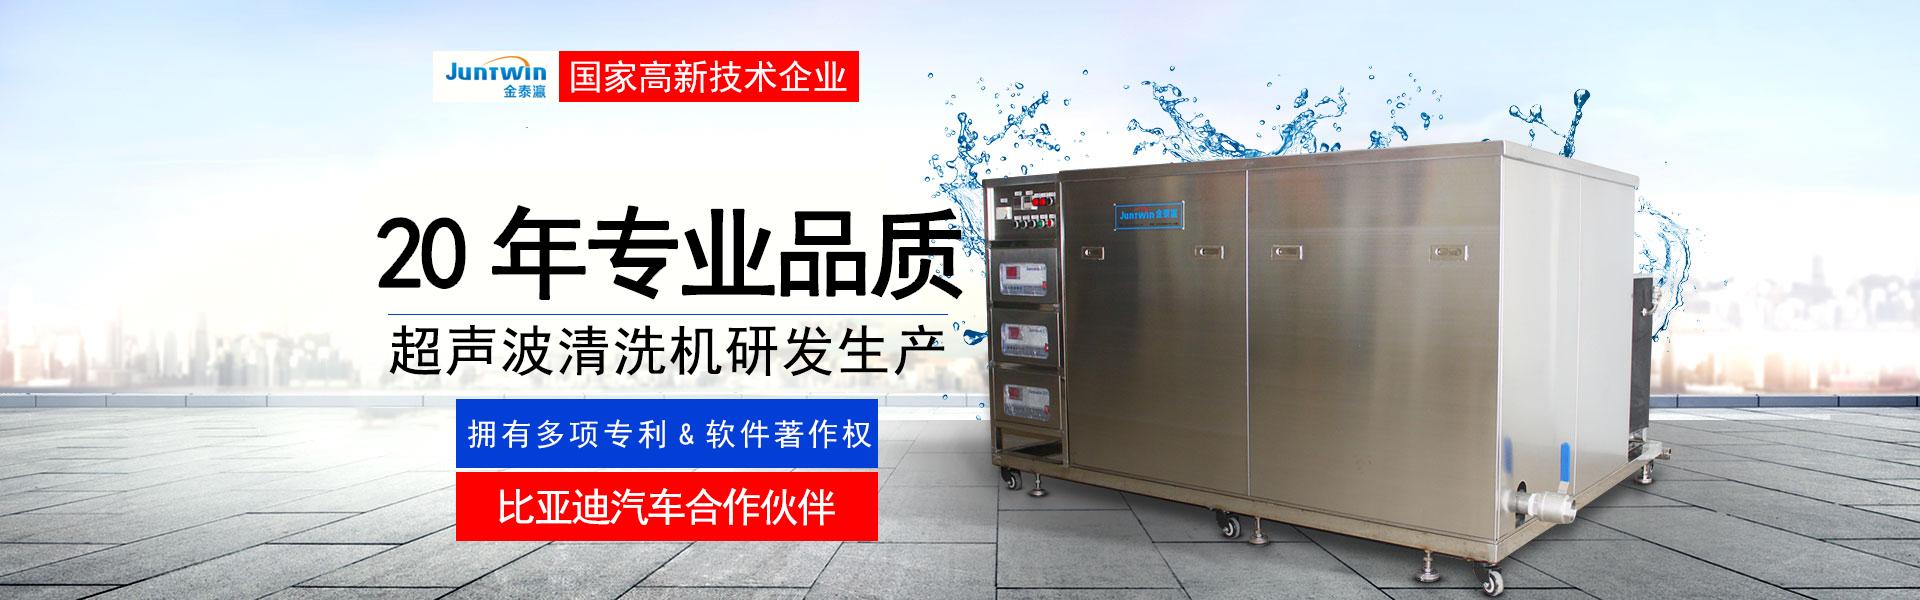 金泰瀛-全自动超声波清洗机